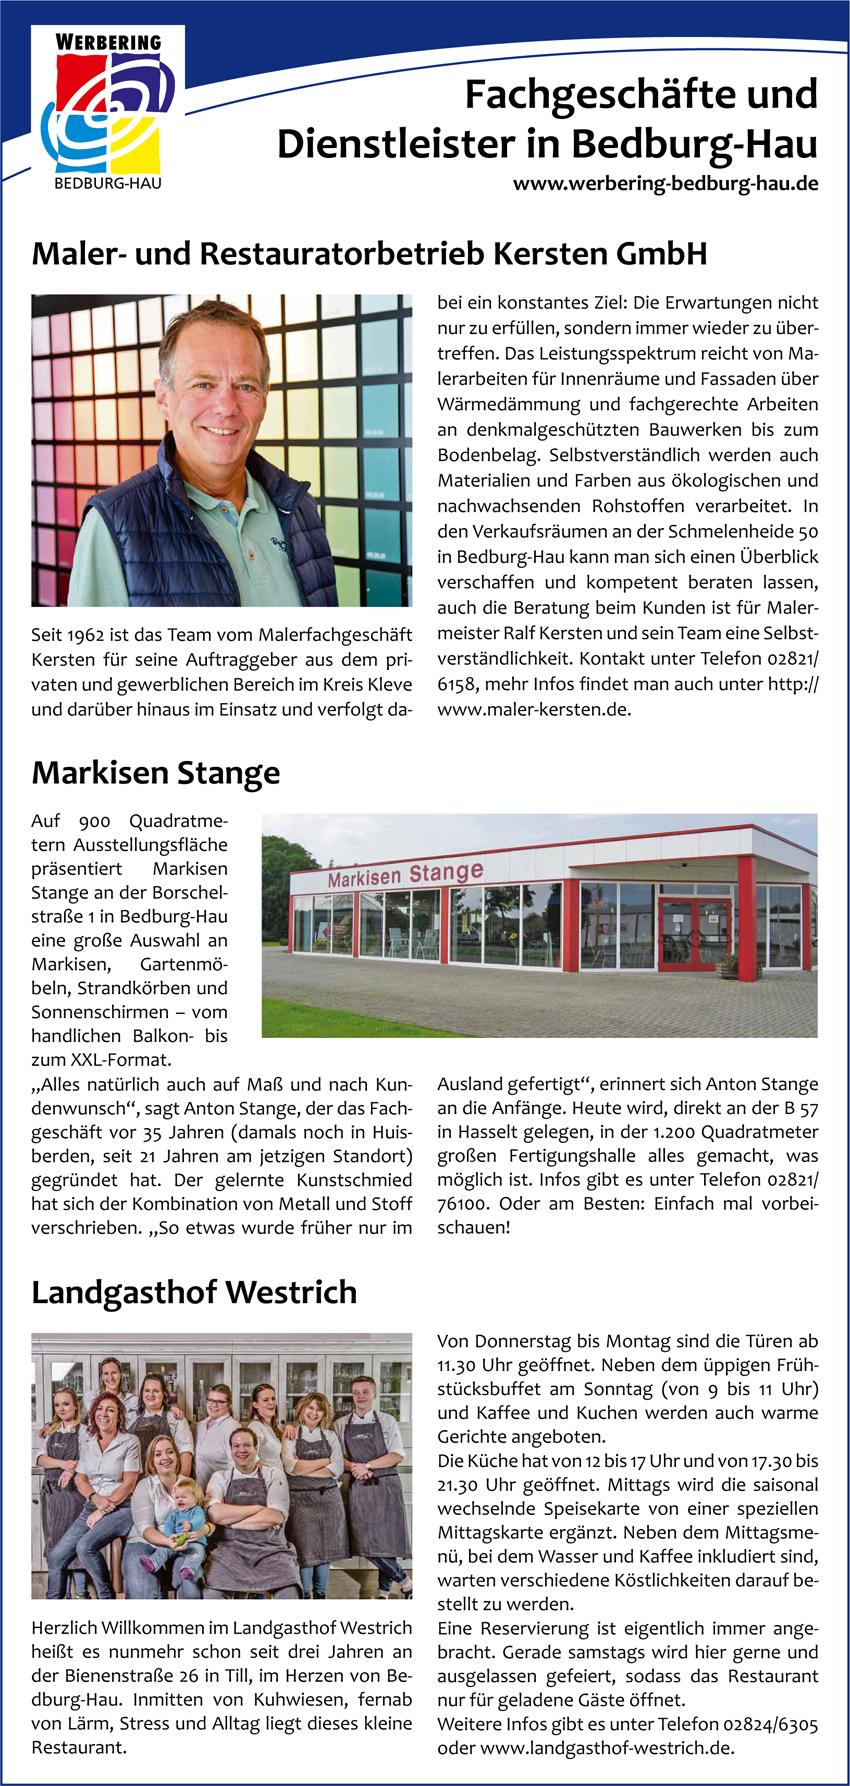 Malerfachbetrieb Kersten GmbH, Markisen Stange und Landgasthof Westrich sind drei von über 80 erfolgreichen Unternehmen des Werbering Bedburg-Hau.